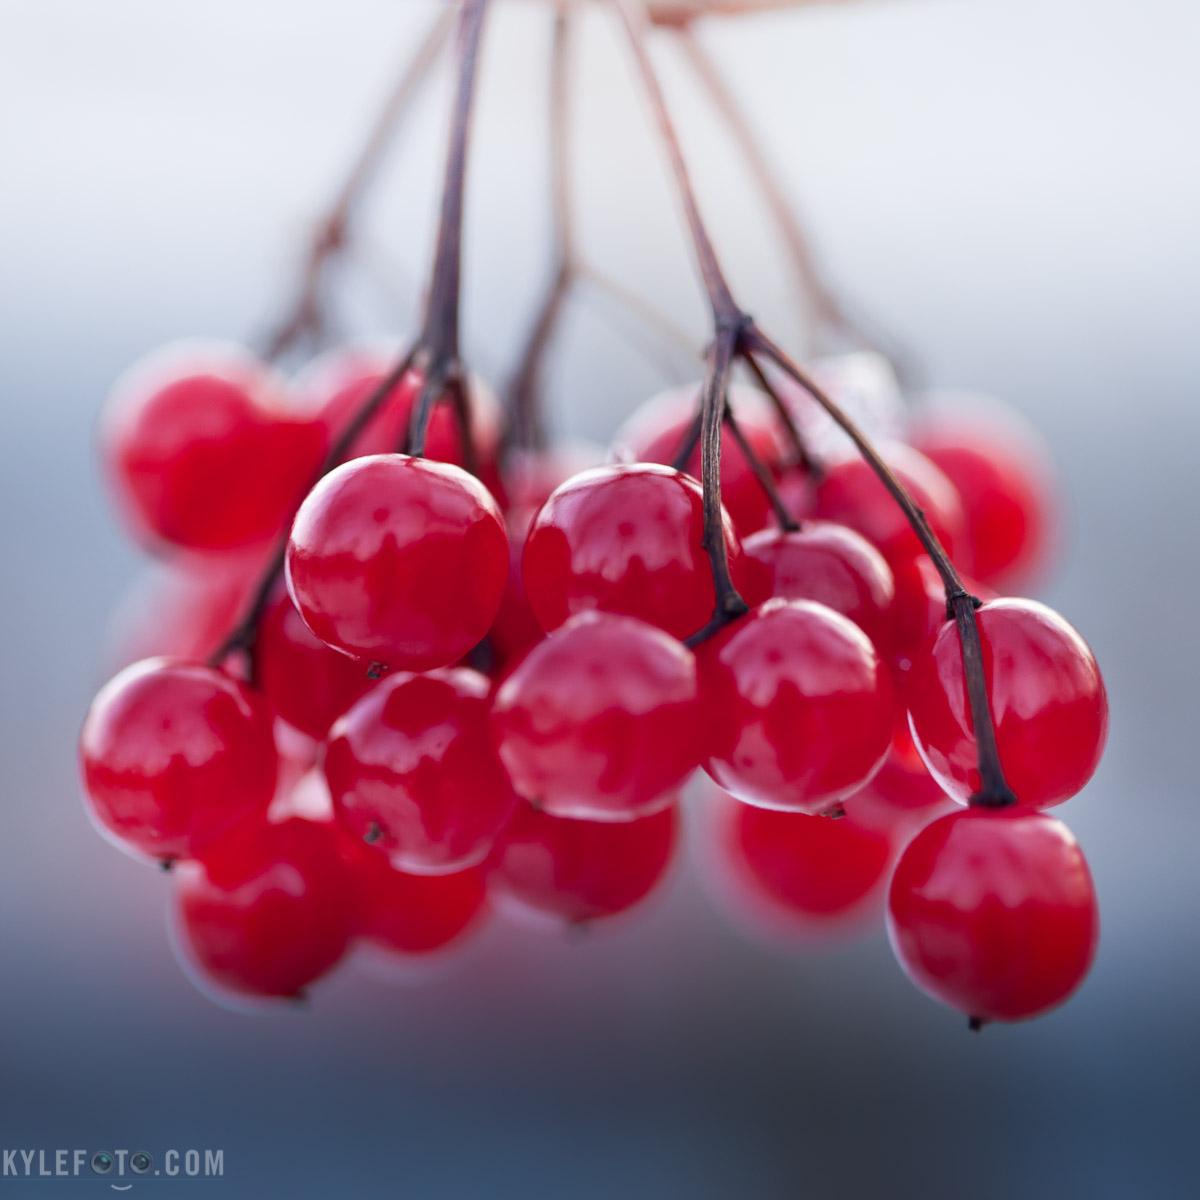 berries-1.jpg